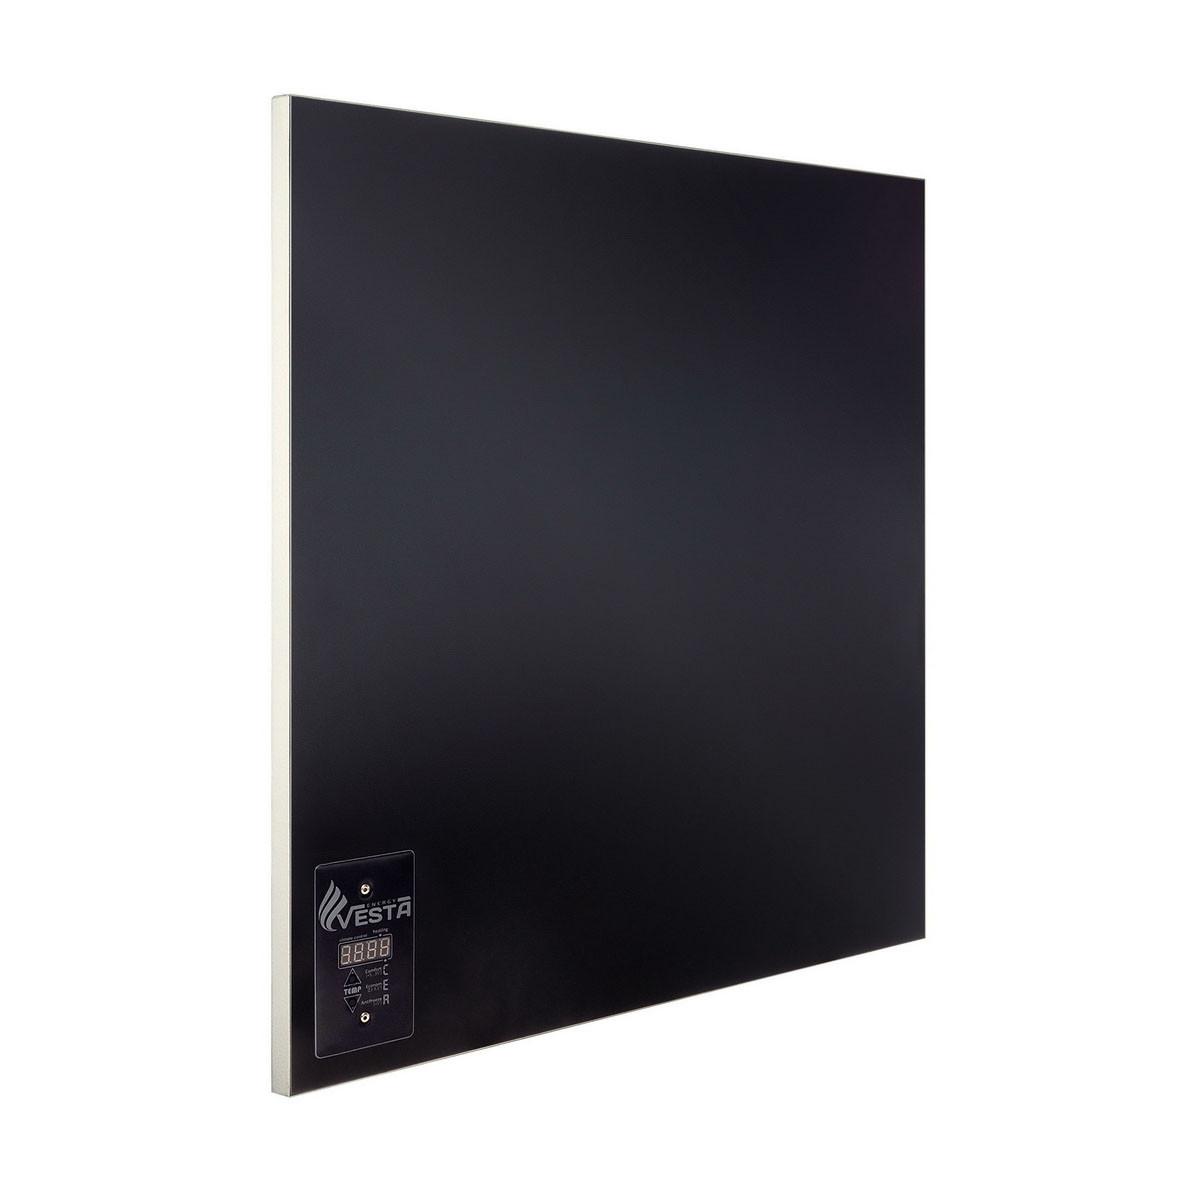 Керамическая панель с терморегулятором Vesta Energy PRO 500 черная. Обогрееет 10 м2